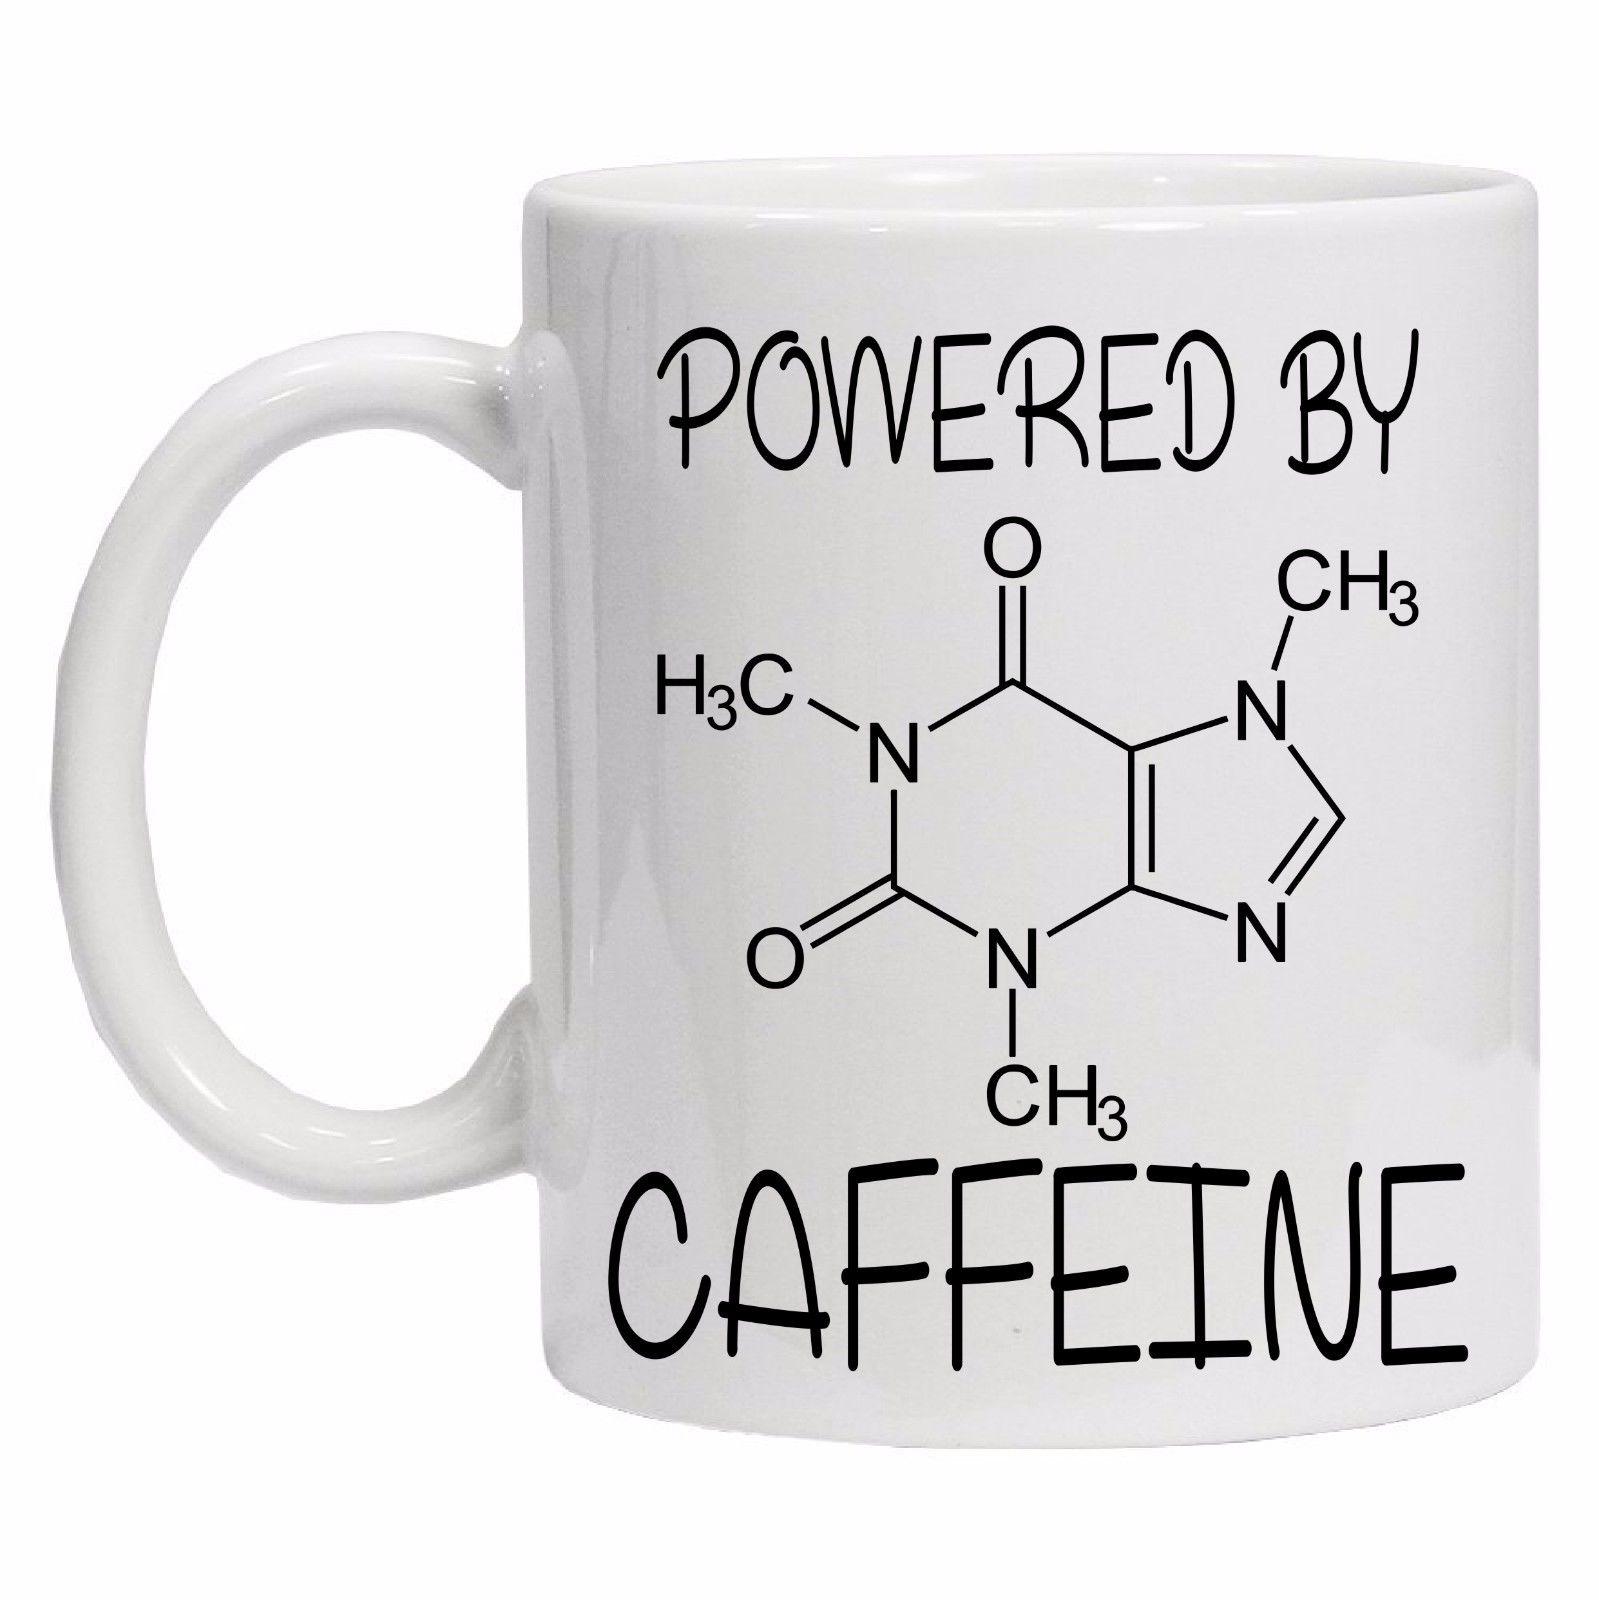 Alimentado Pela Cafeína Geek Nerd Fórmula Chá Engraçado Canecas de Cerâmica Caneca Do Presente Xícara de Leite Chá de Café